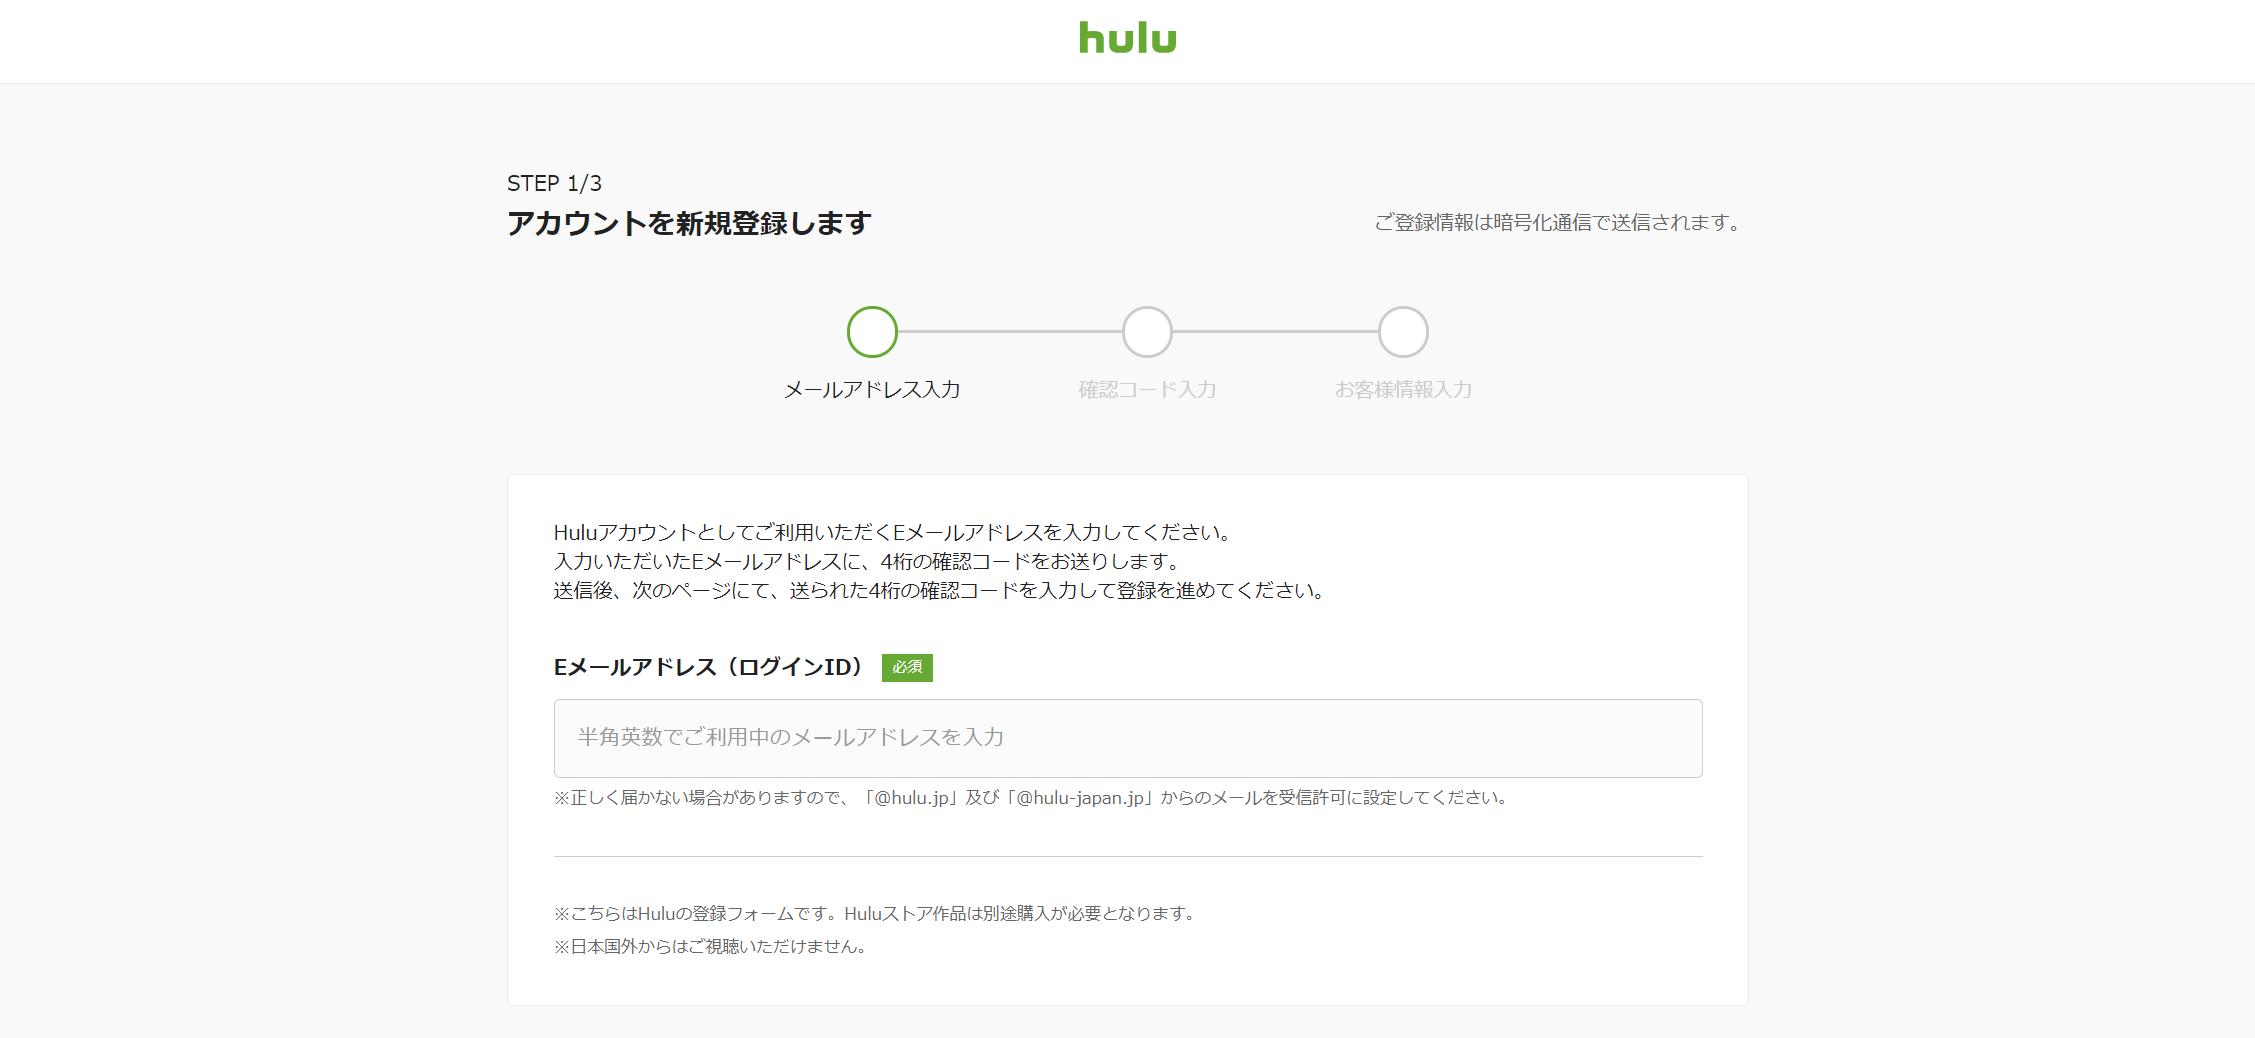 hulu_メールアドレス